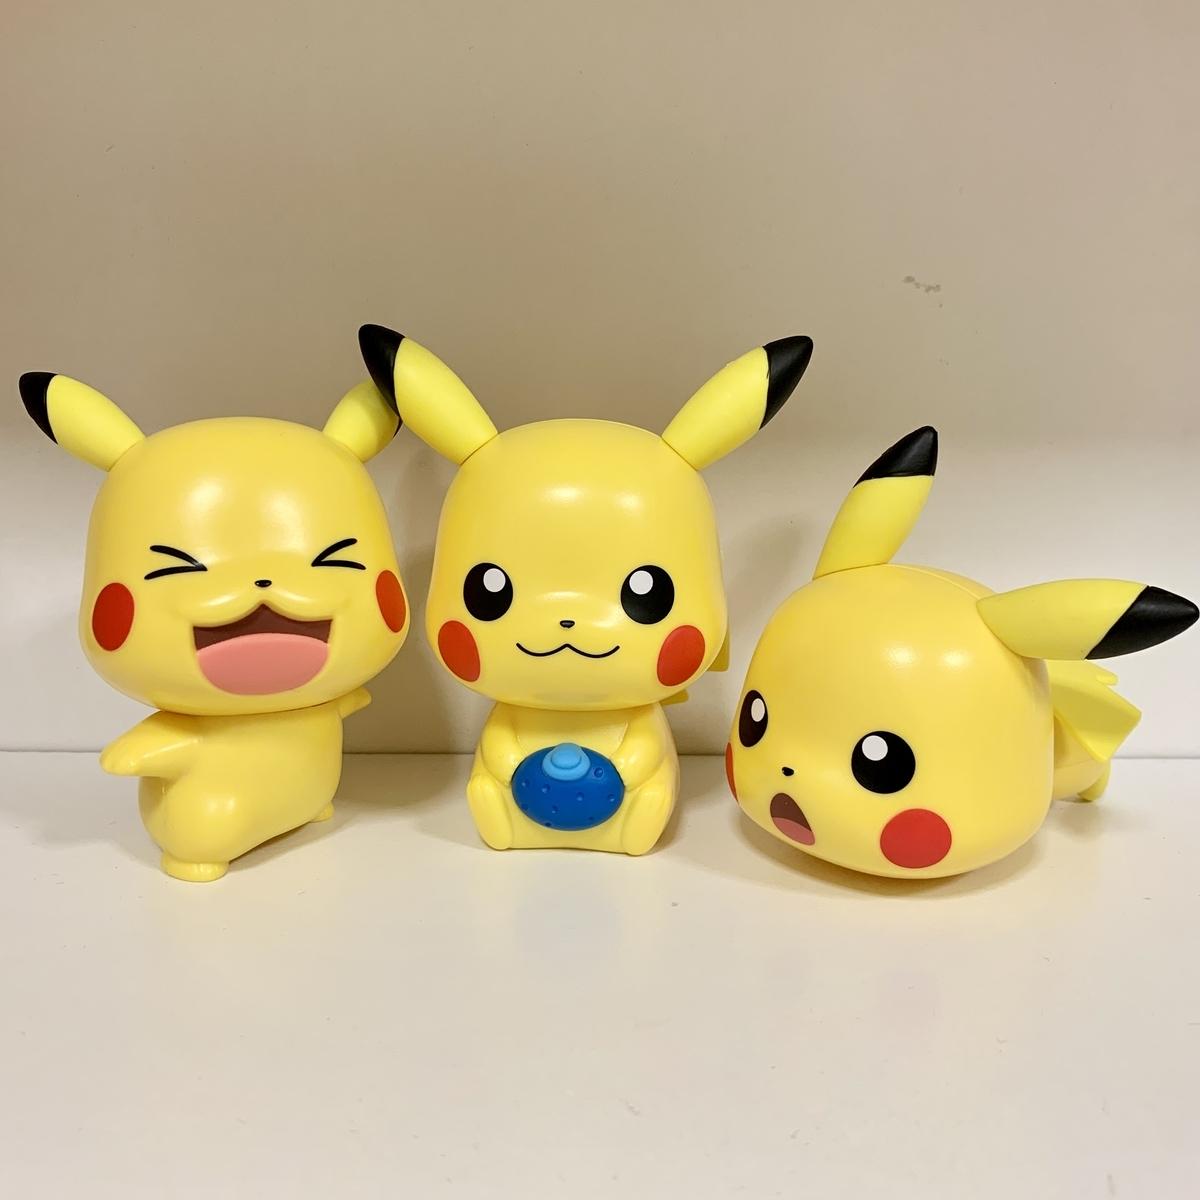 f:id:pikachu_pcn:20210523152626j:plain